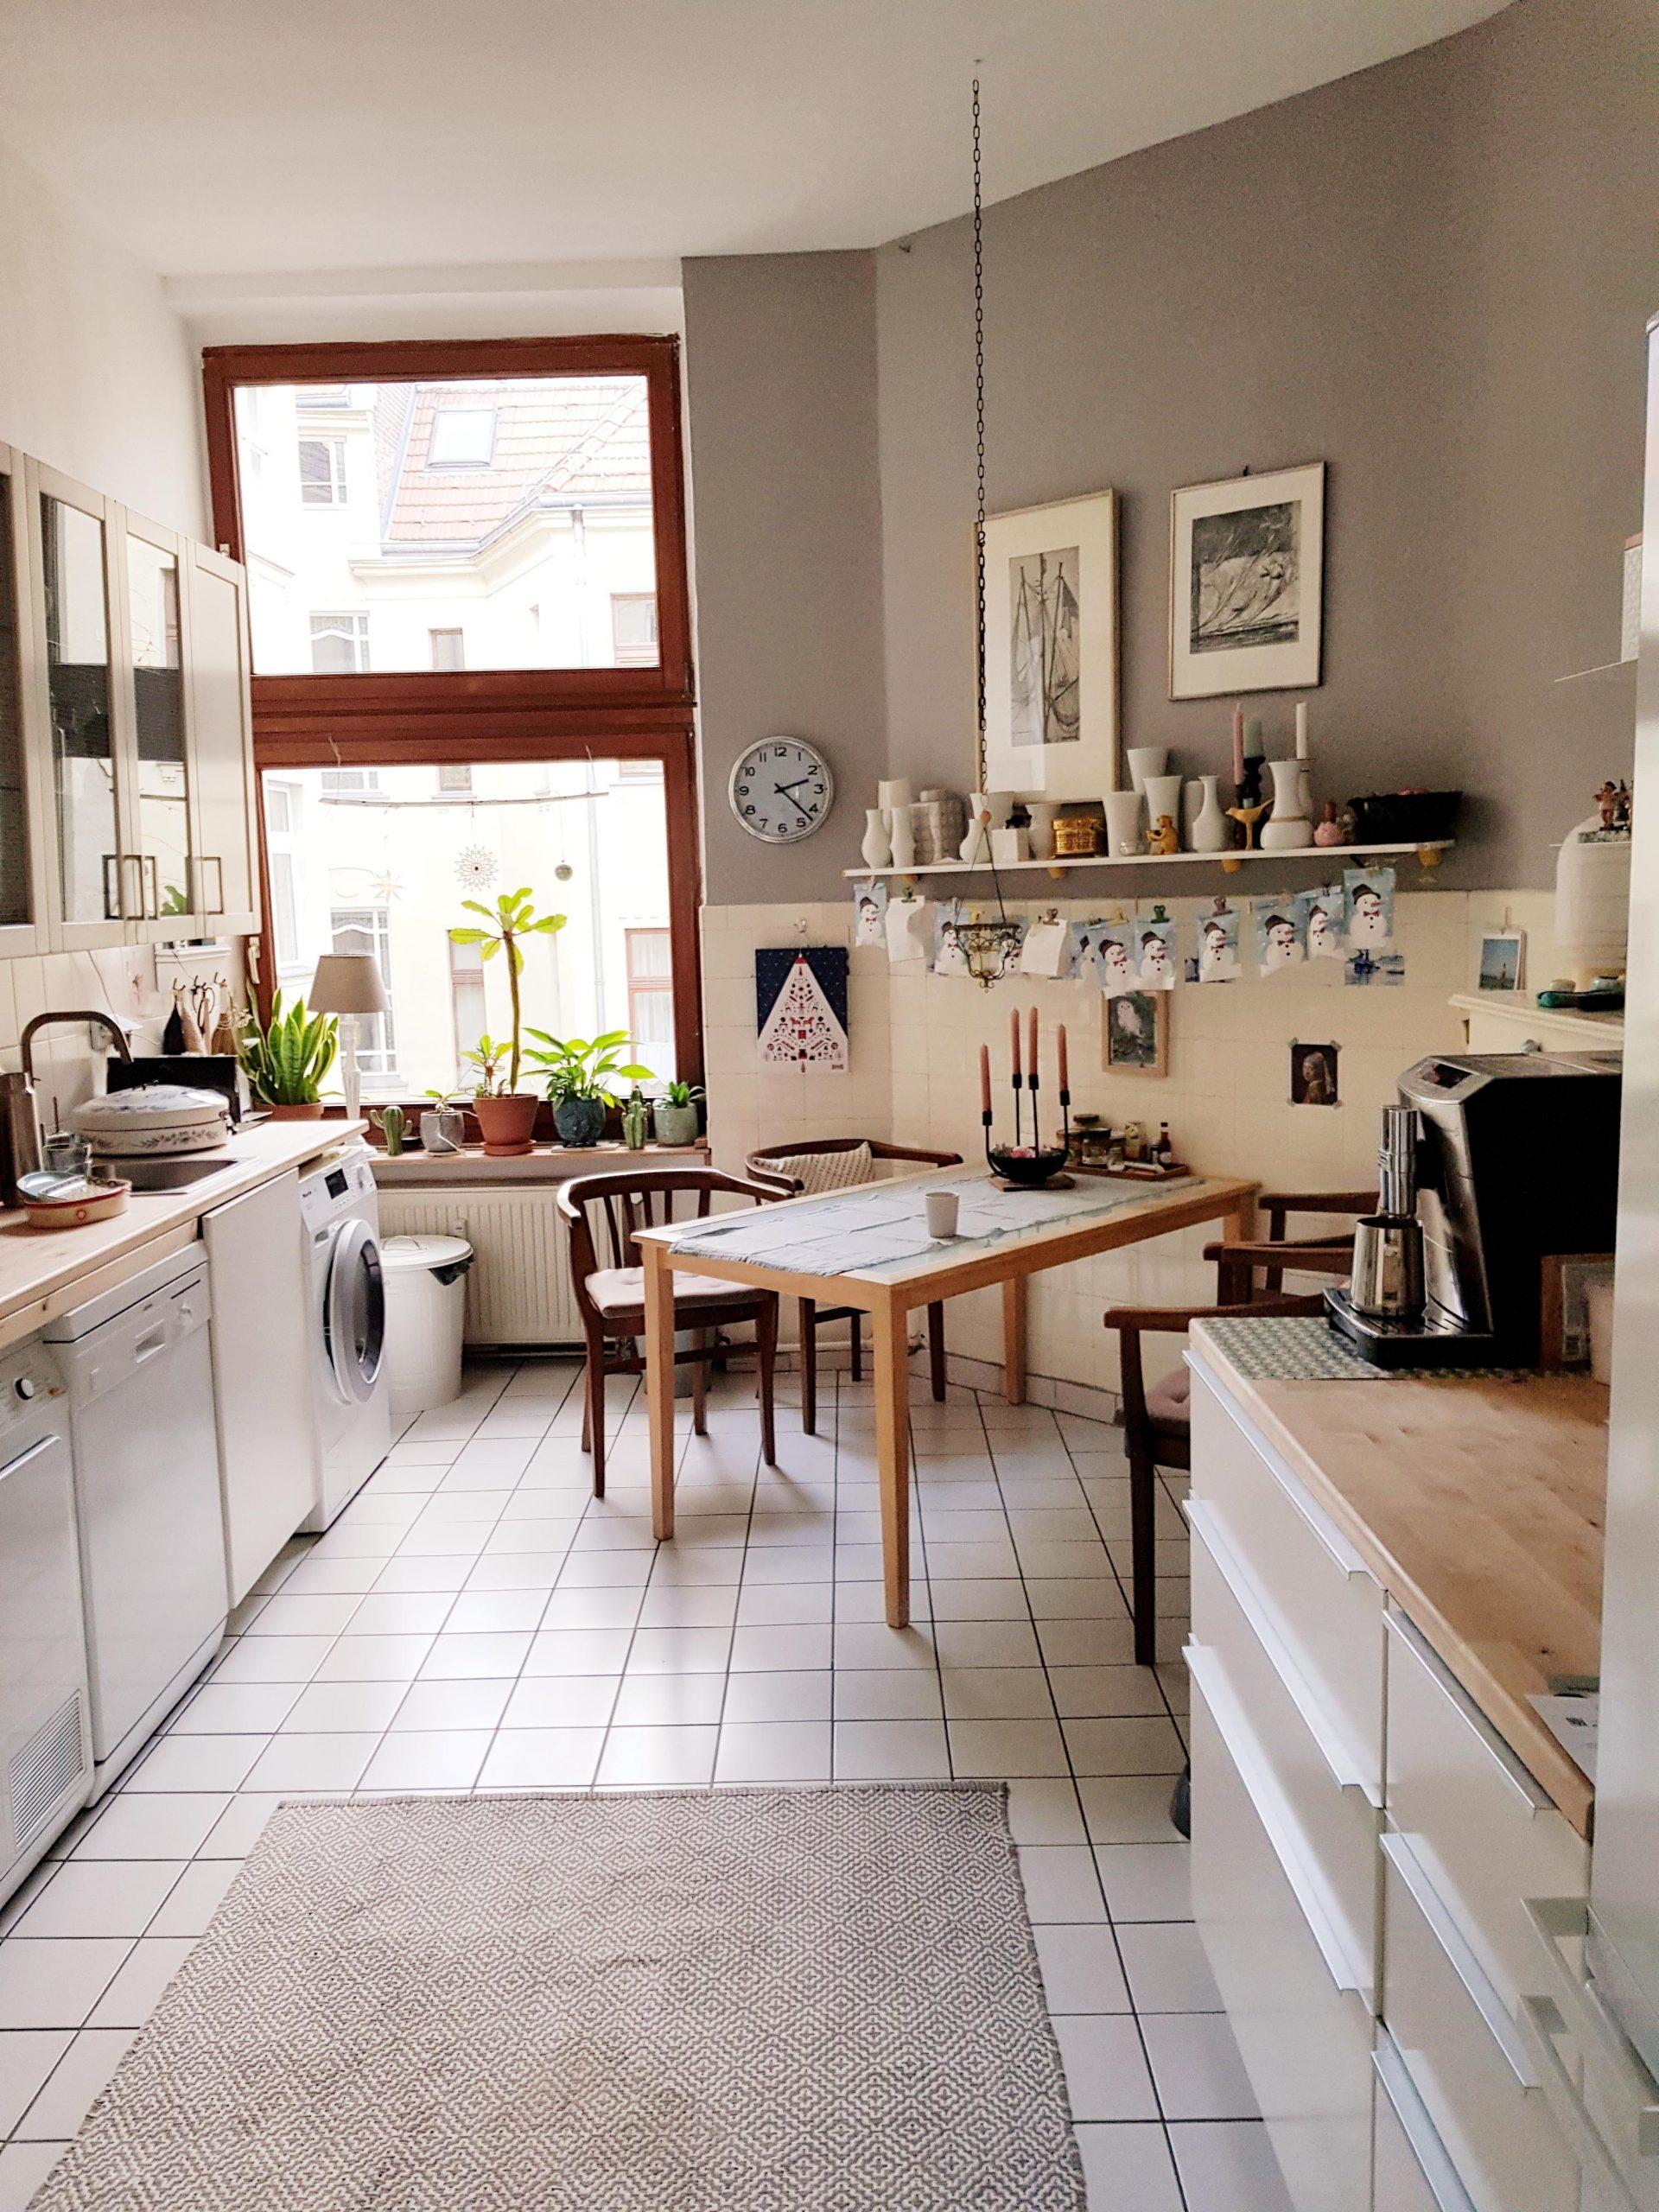 Full Size of Kchen Ideen So Planst Du Deine Traumkche Wohnzimmer Tapeten Bad Renovieren Küchen Regal Wohnzimmer Küchen Ideen